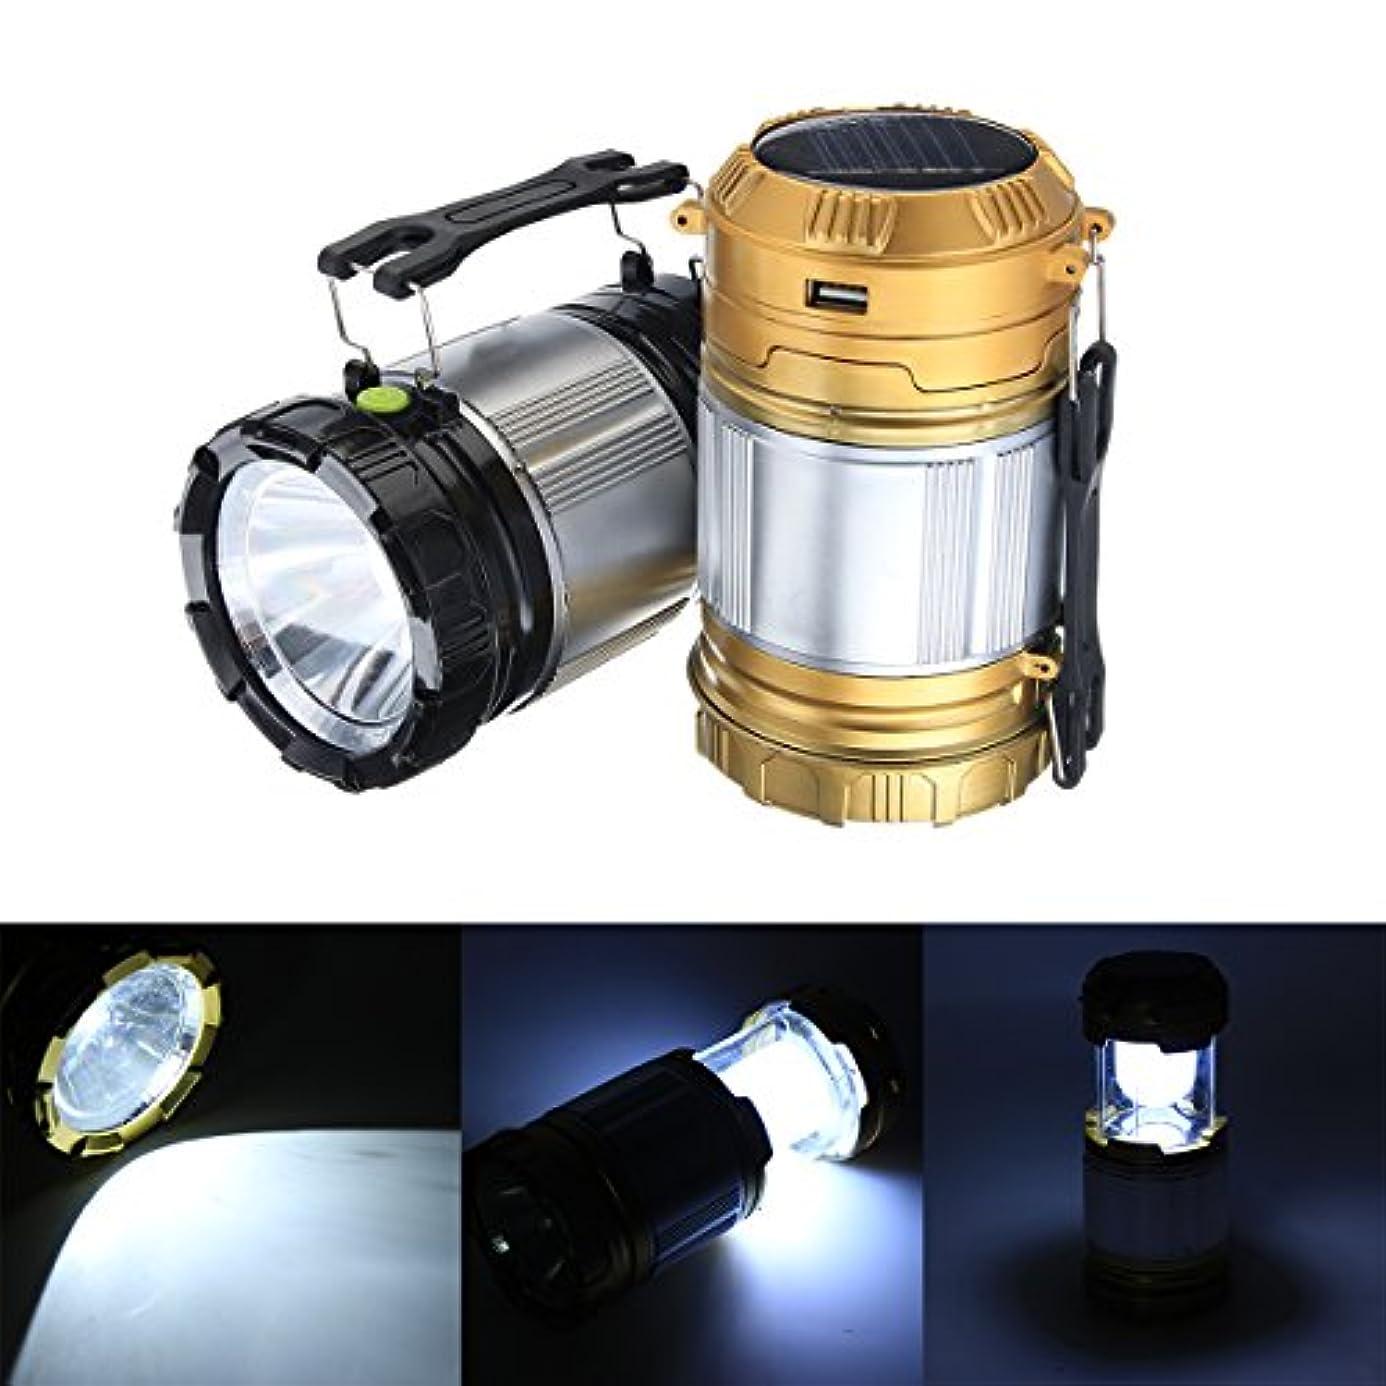 青有用メイドランフィー 5 LED キャンプテントランタンソーラー USB 充電式緊急懐中電灯トーチ